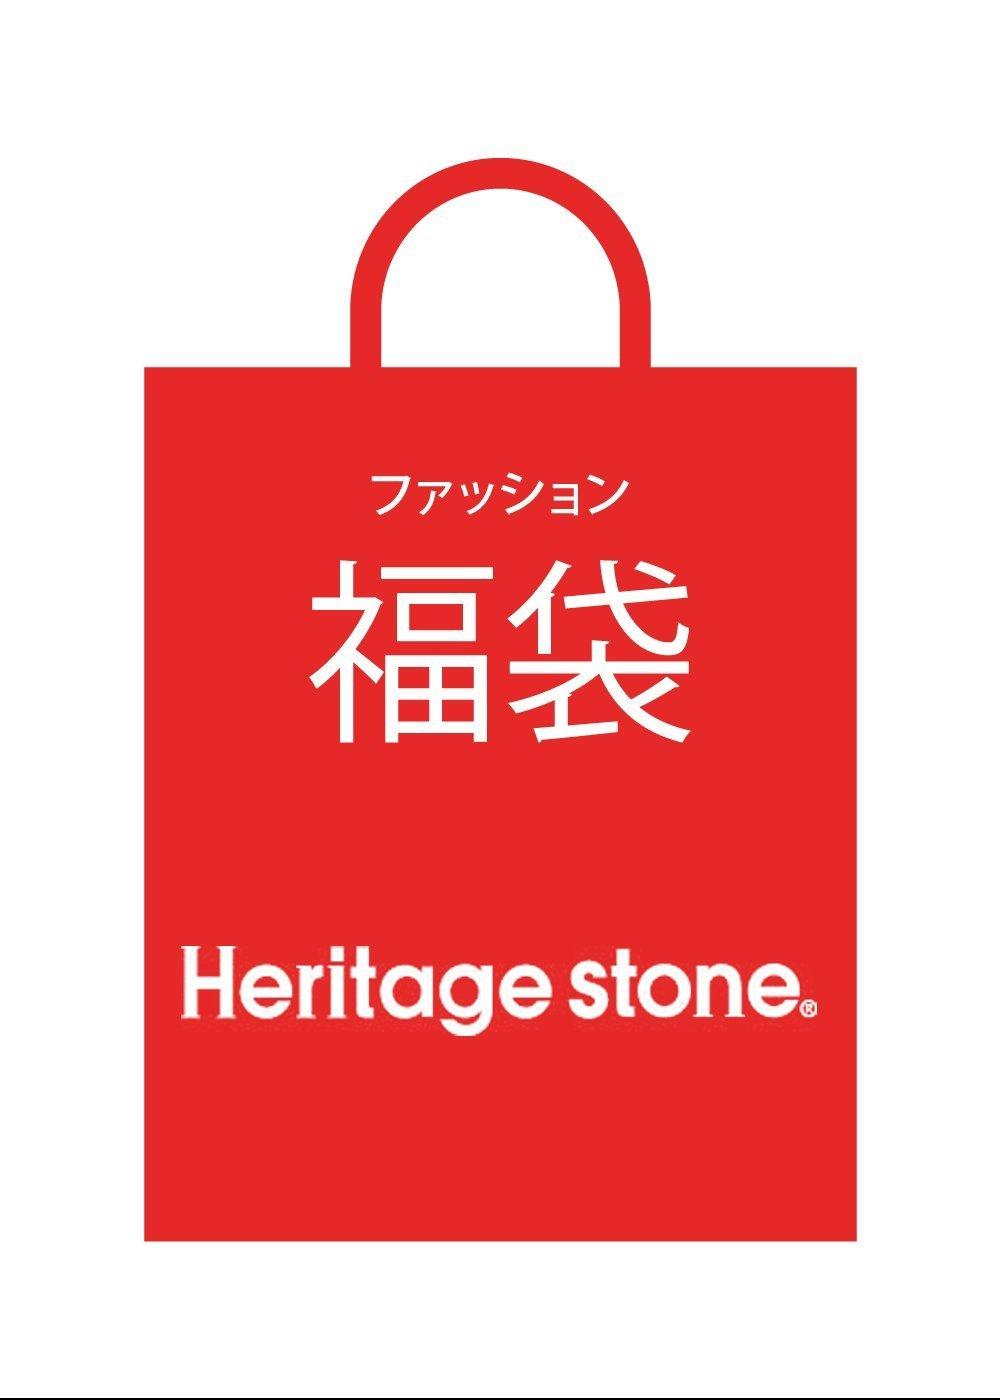 (ヘリテイジストーン)Heritage stone 【福袋】Amazon